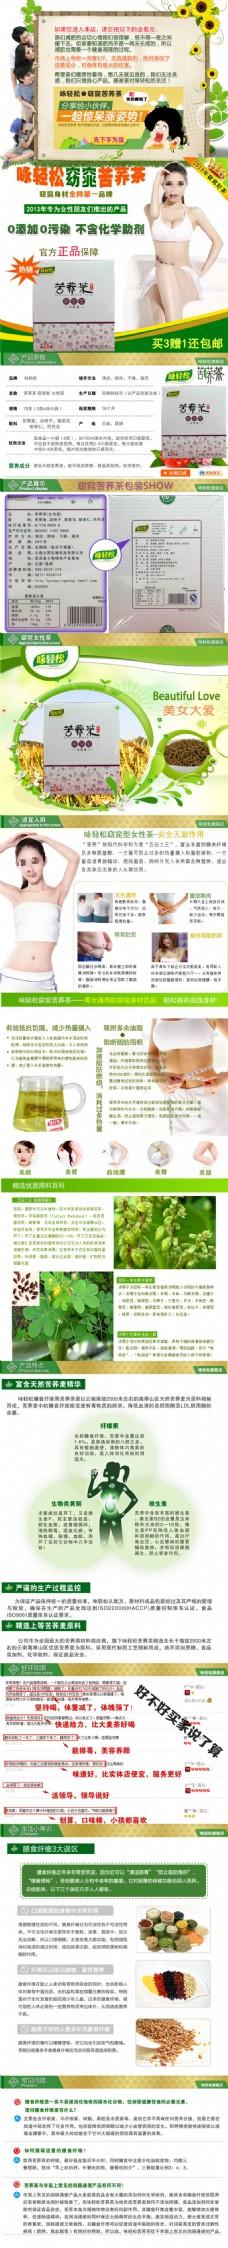 花茶淘宝电商食品茶饮详情页